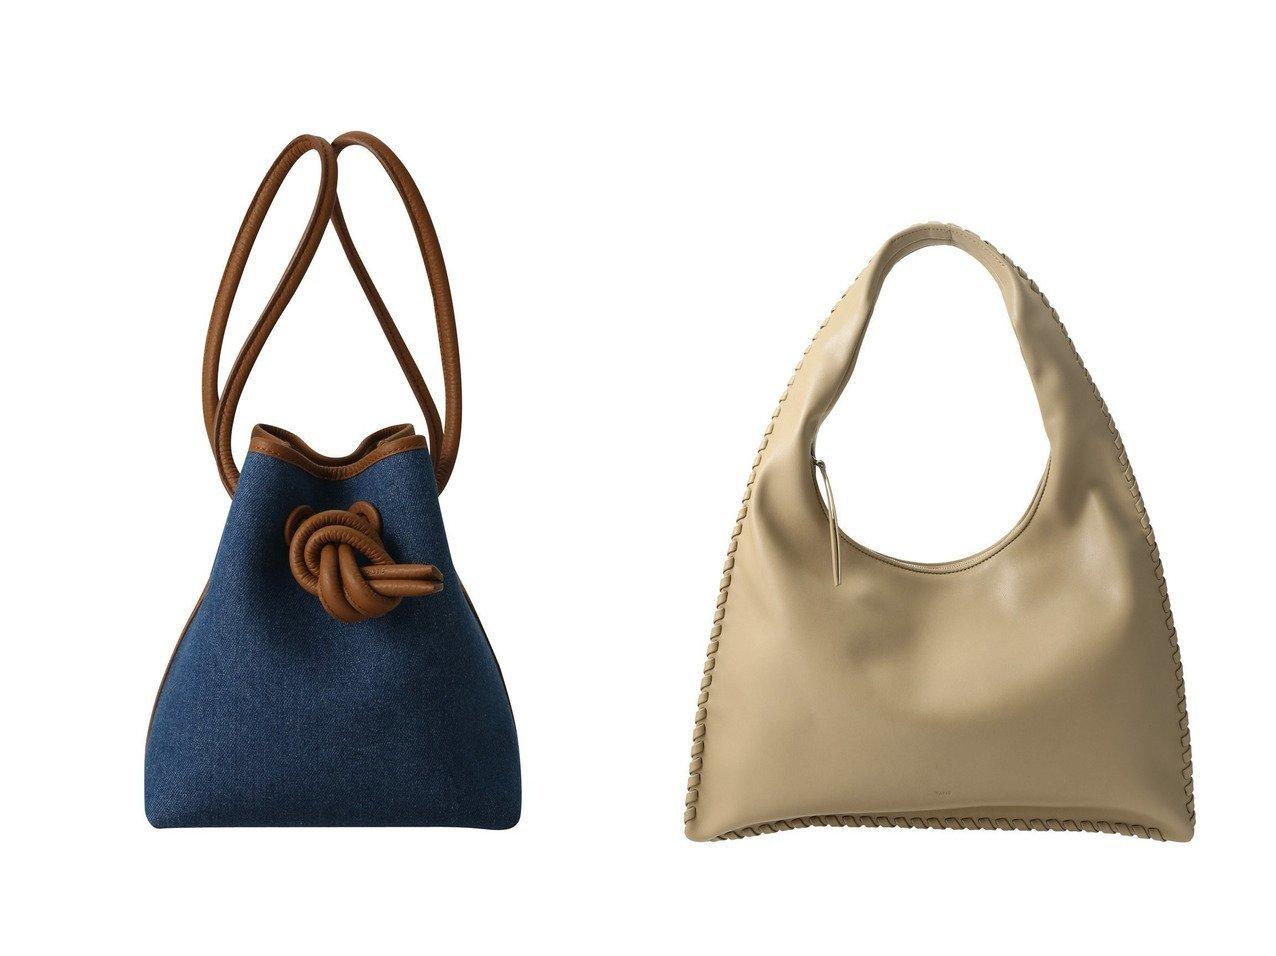 【VASIC/ヴァジック】のBond Mini デニム2wayハンドバッグ&Wells ワンショルダーバッグ バッグ・鞄のおすすめ!人気トレンド・レディースファッションの通販 おすすめで人気のファッション通販商品 インテリア・家具・キッズファッション・メンズファッション・レディースファッション・服の通販 founy(ファニー) https://founy.com/ ファッション Fashion レディース WOMEN バッグ Bag コンパクト コンビ デニム ハンドバッグ ポーチ 人気 定番  ID:crp329100000006093